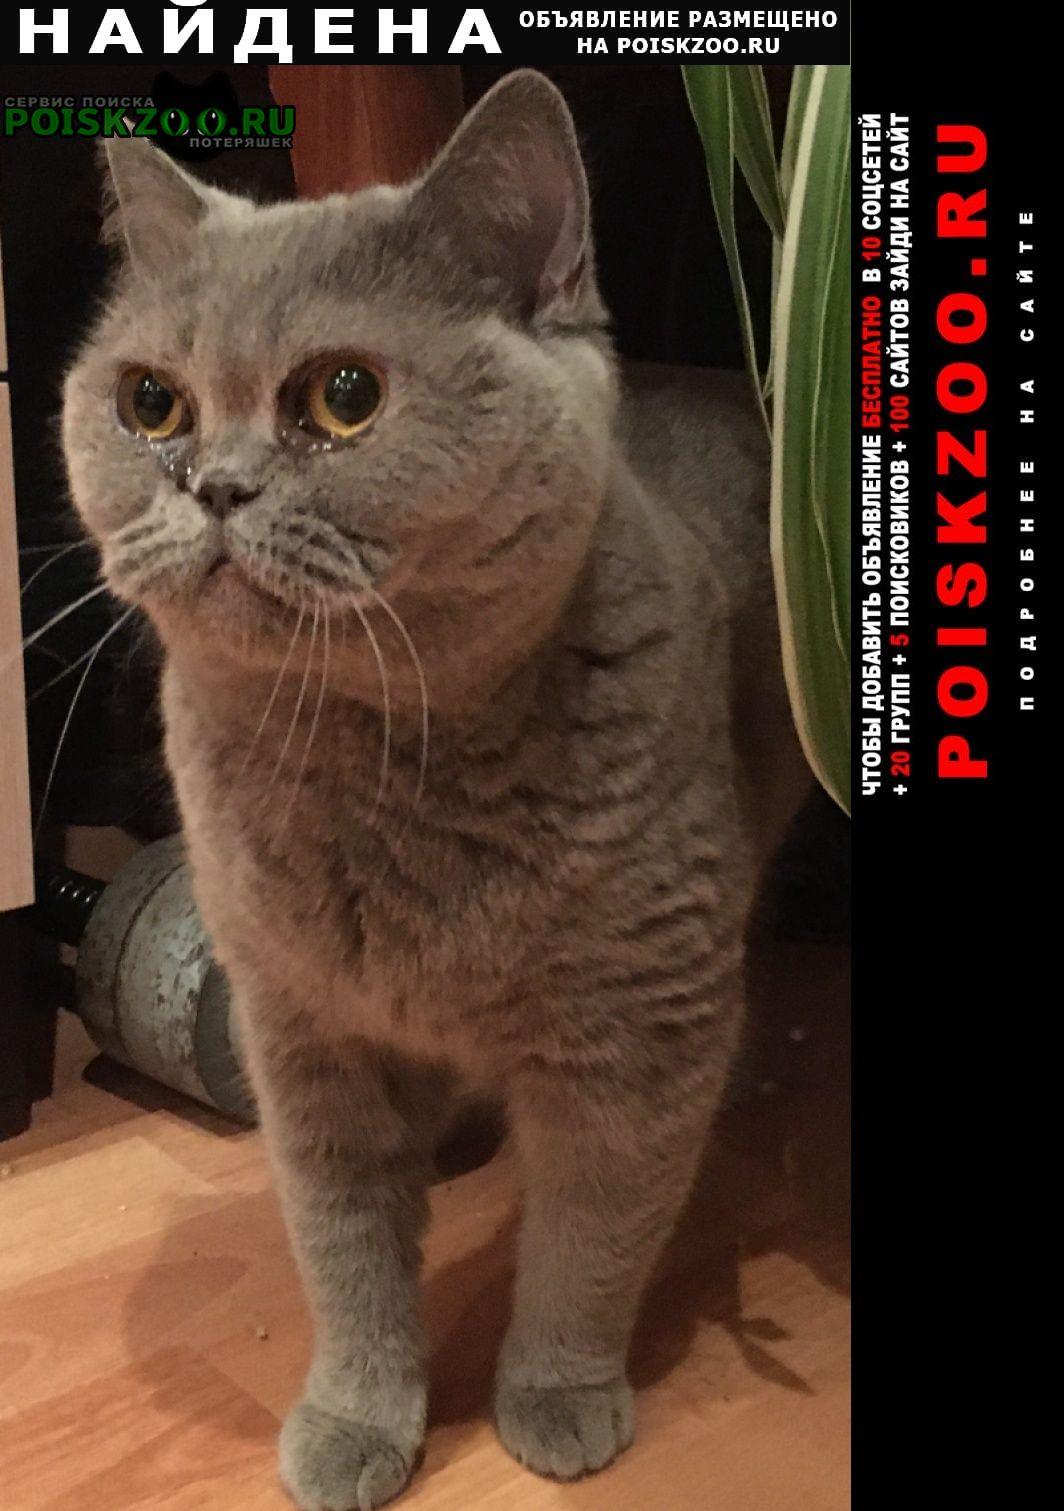 Найдена кошка британская. Павловский Посад